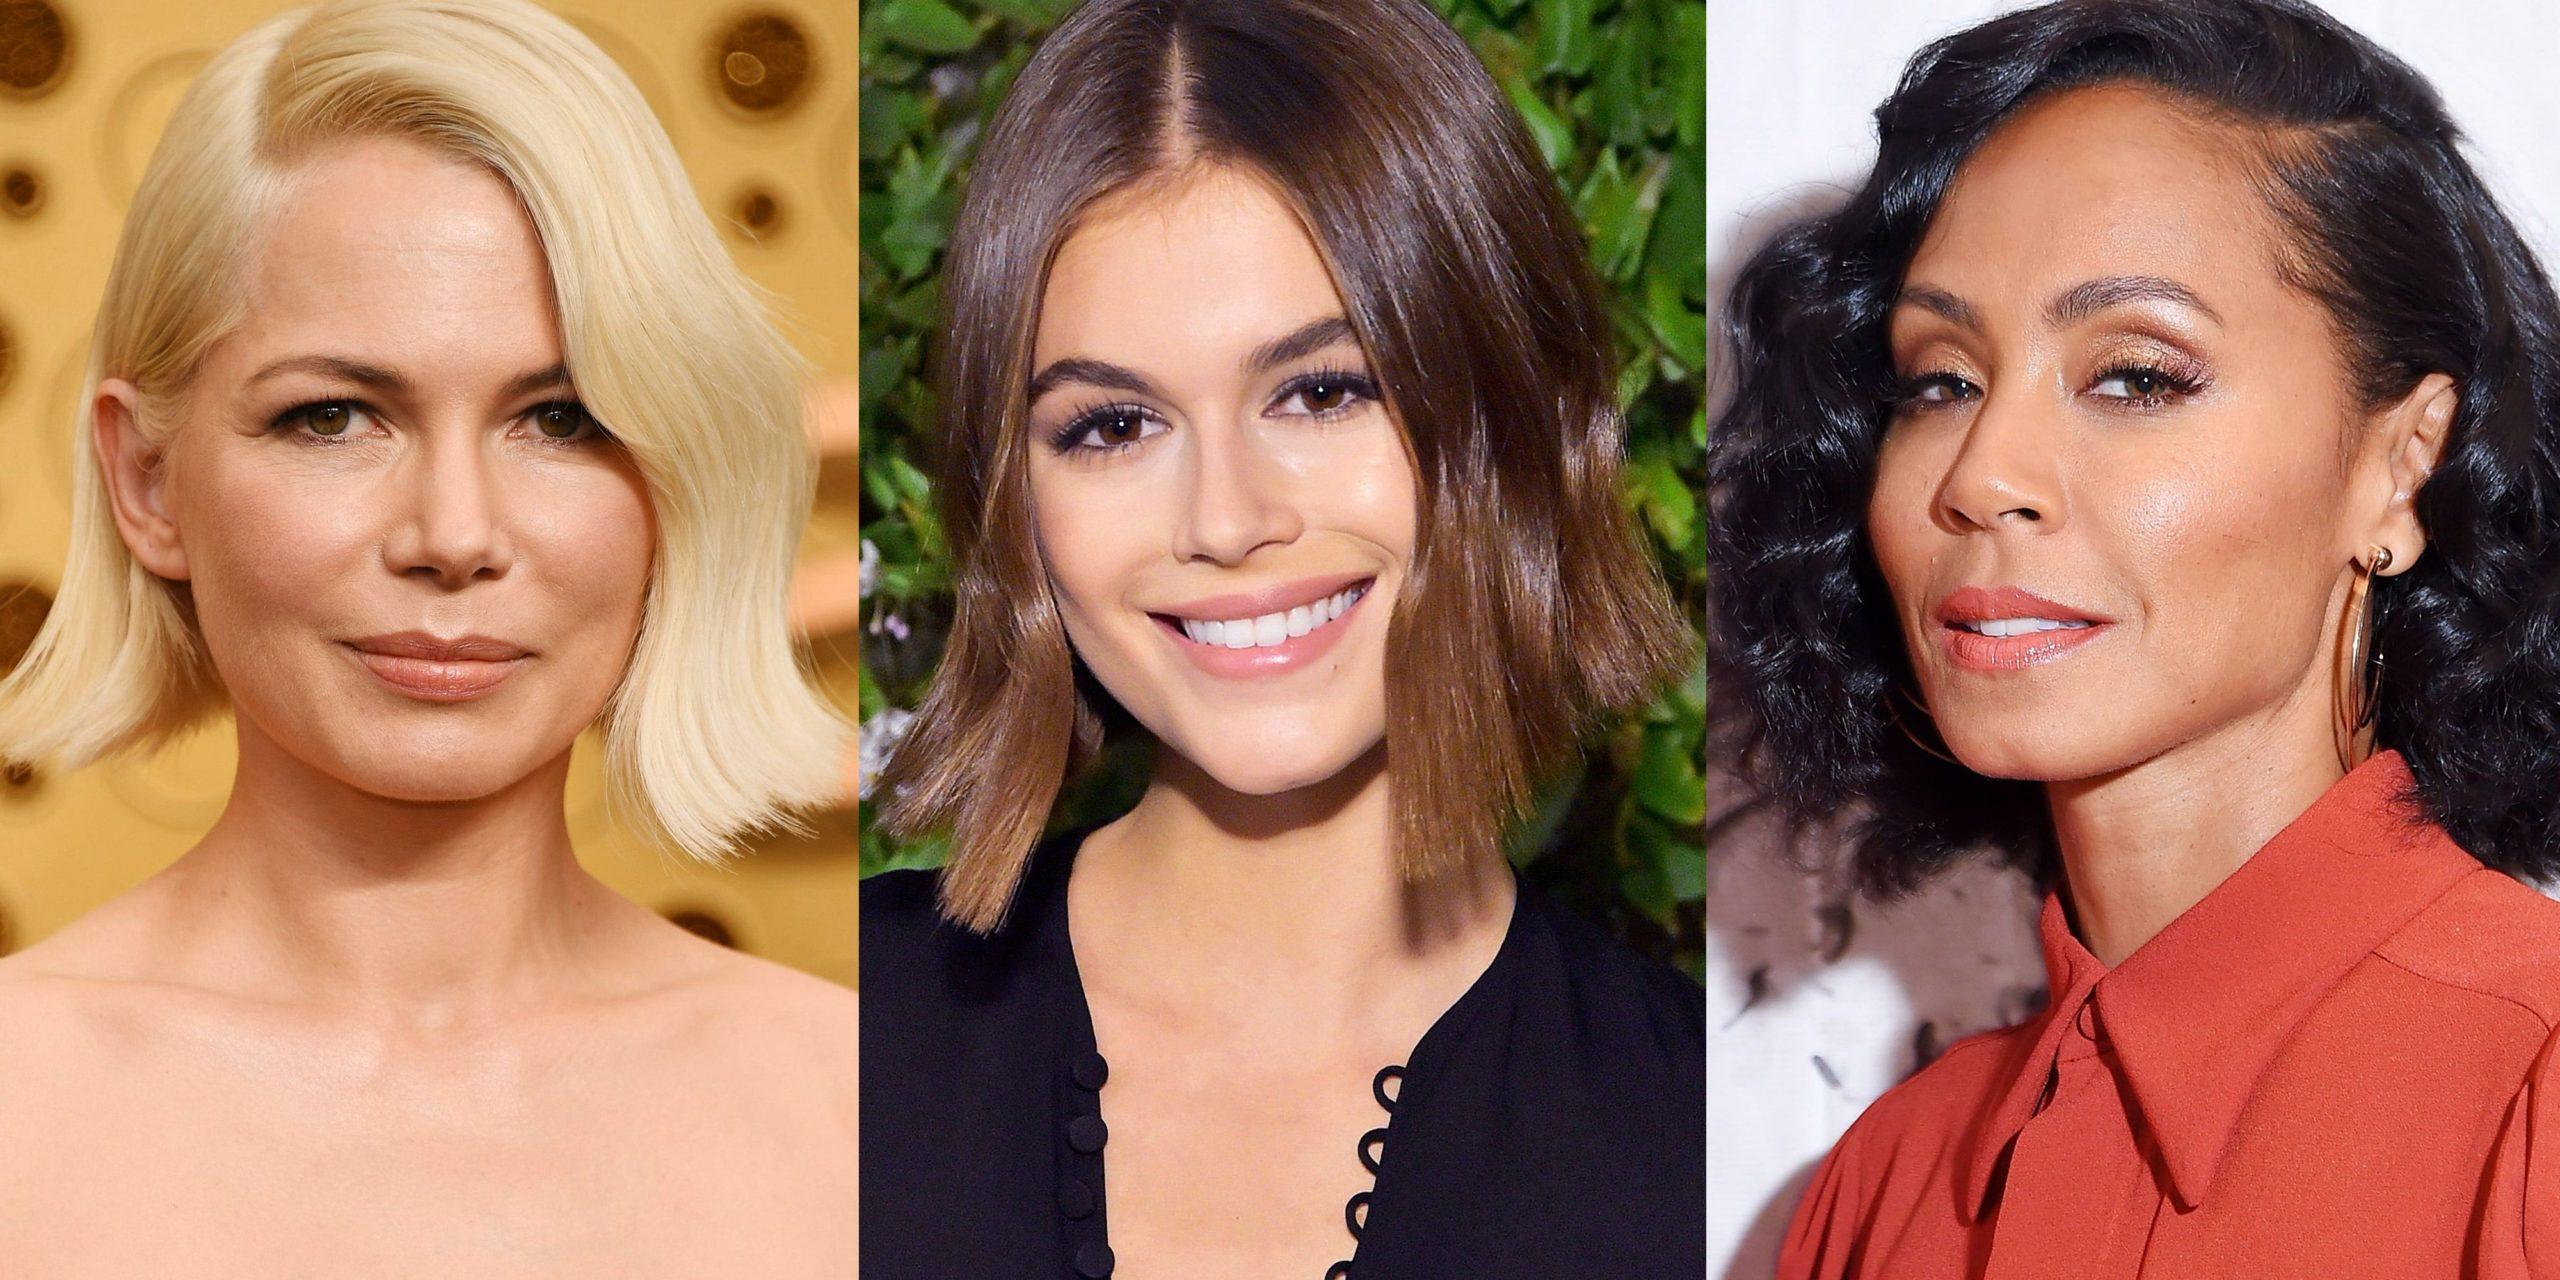 15 meilleures idées de coupe courte pour visage rond - Coiffures - ZENIDEES